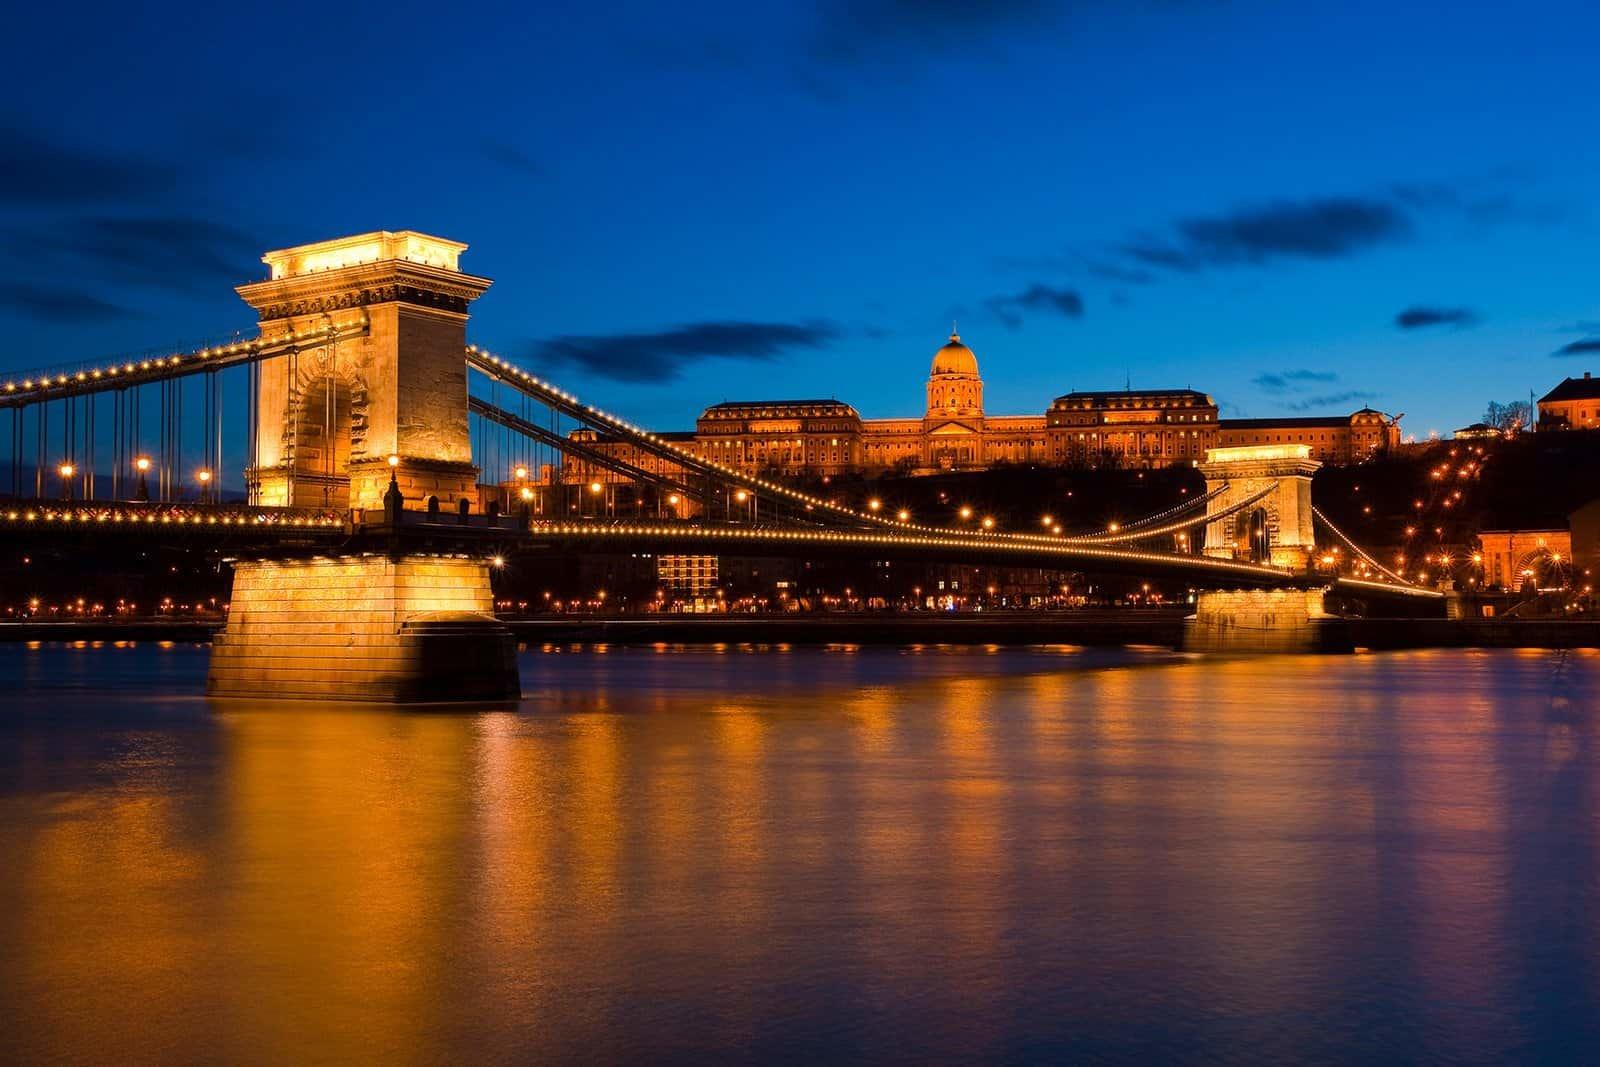 Вечерняя панорама моста в исторической части города